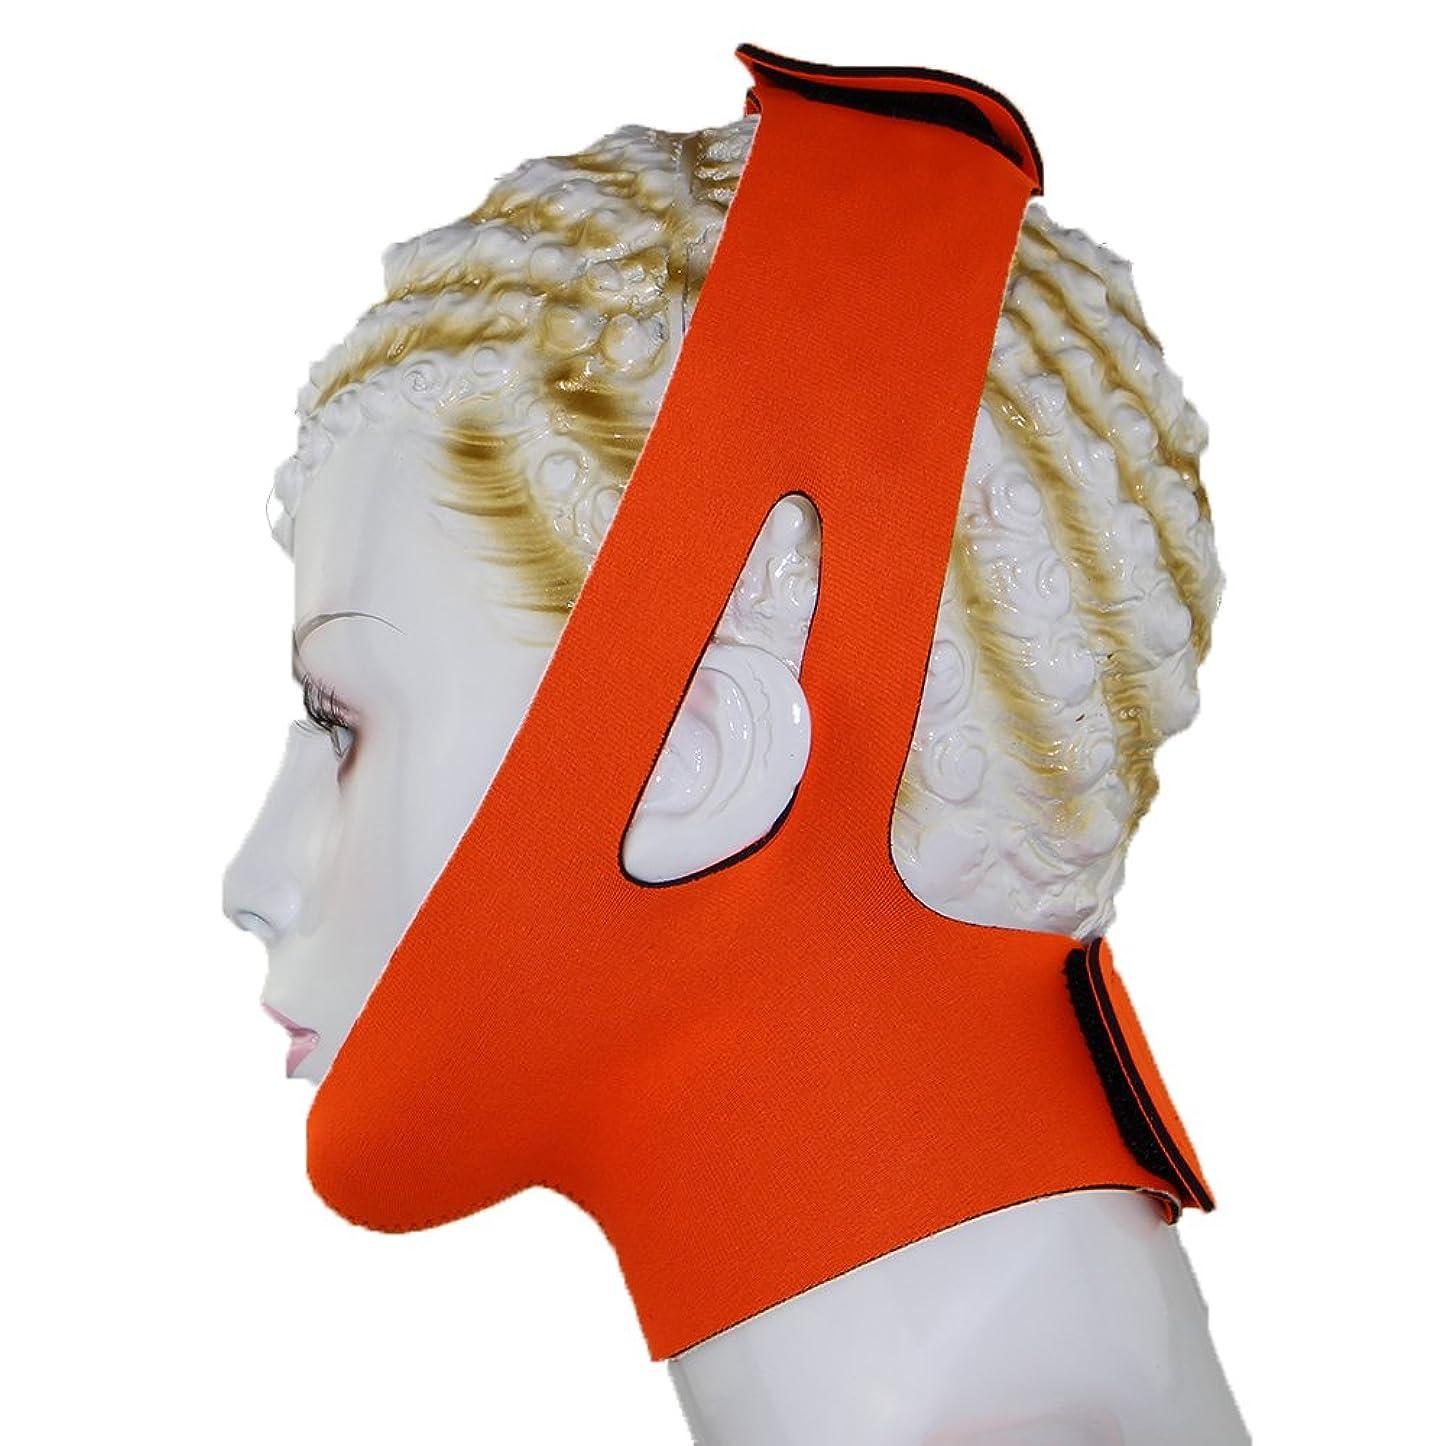 シネウィ苦しめる六分儀小顔 美容 顎サポーター ほうれい線 豊齢線 解消 マッサージグッズ フェイスマスク 二重あご 加圧 ベルト レディース (オレンジ)